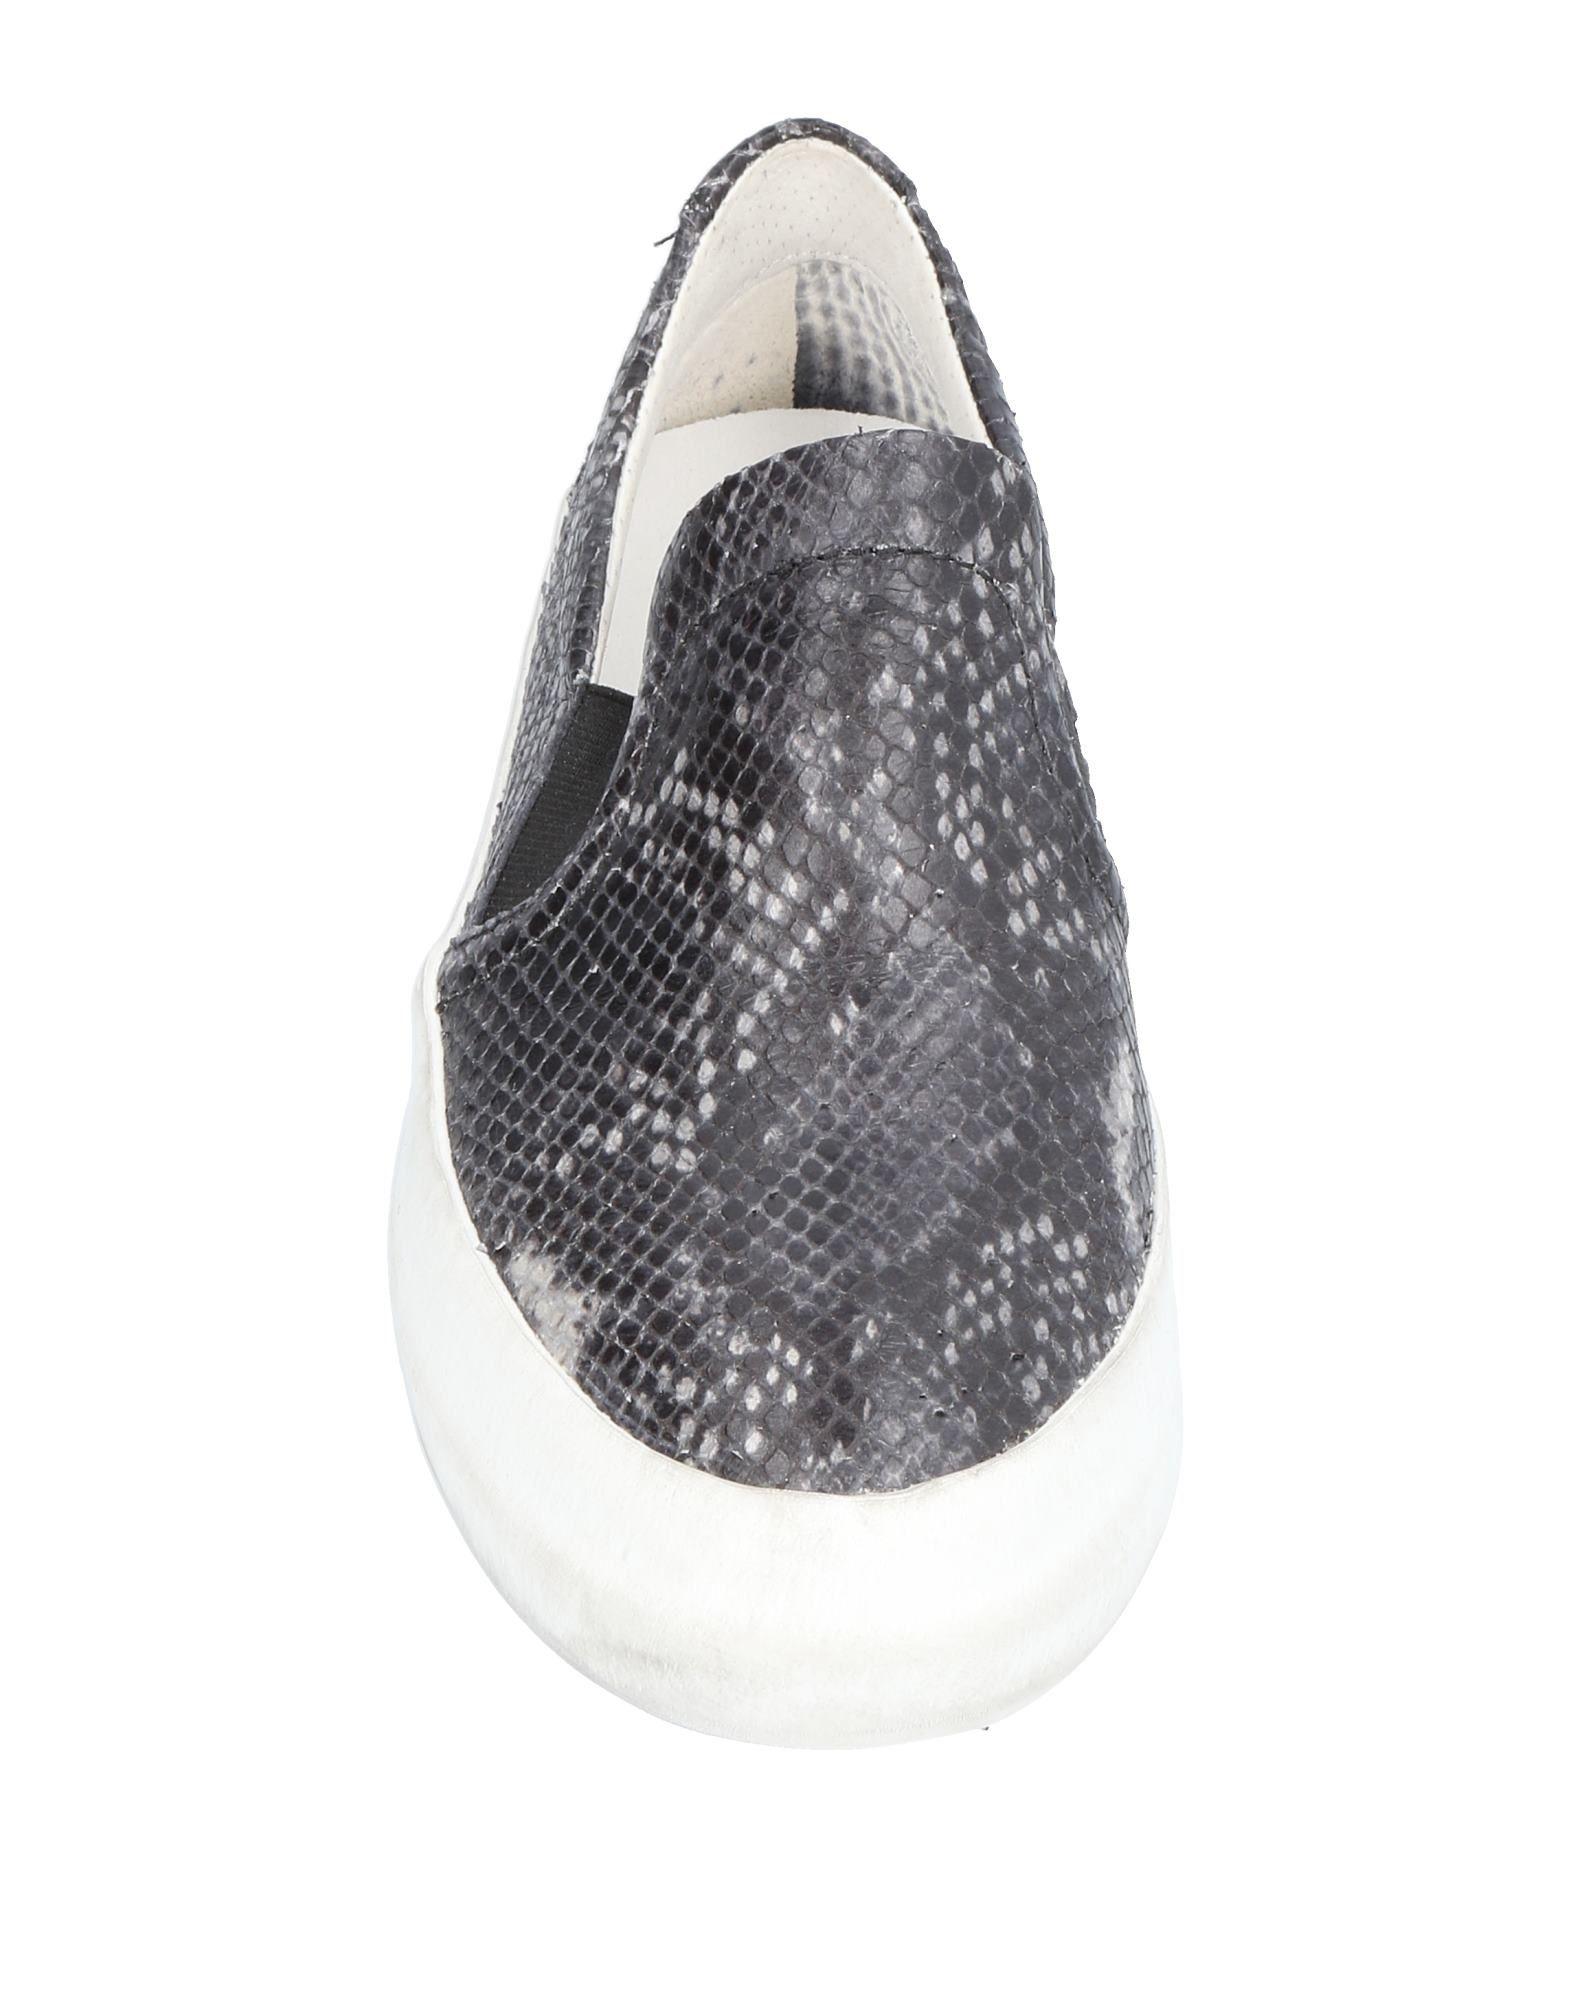 Scarpe economiche e resistenti Sneakers O.X.S. Donna - 11276970EI